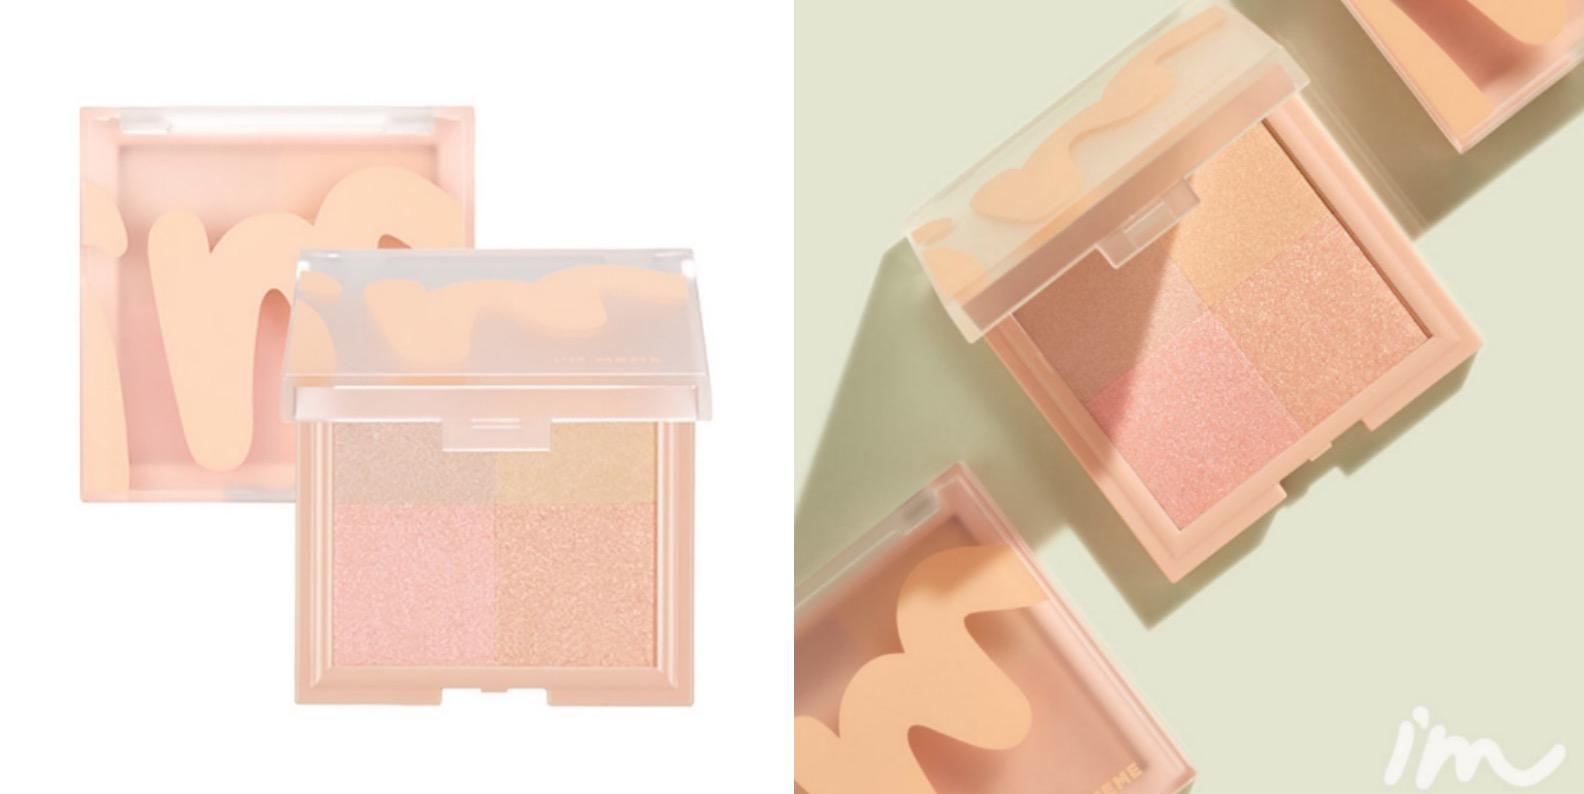 高光感細緻珠光粉體,隨著不同角度折射散發出光源,使肌膚隨時呈現澎潤明亮,宛如天生擁有光透感的好膚質。